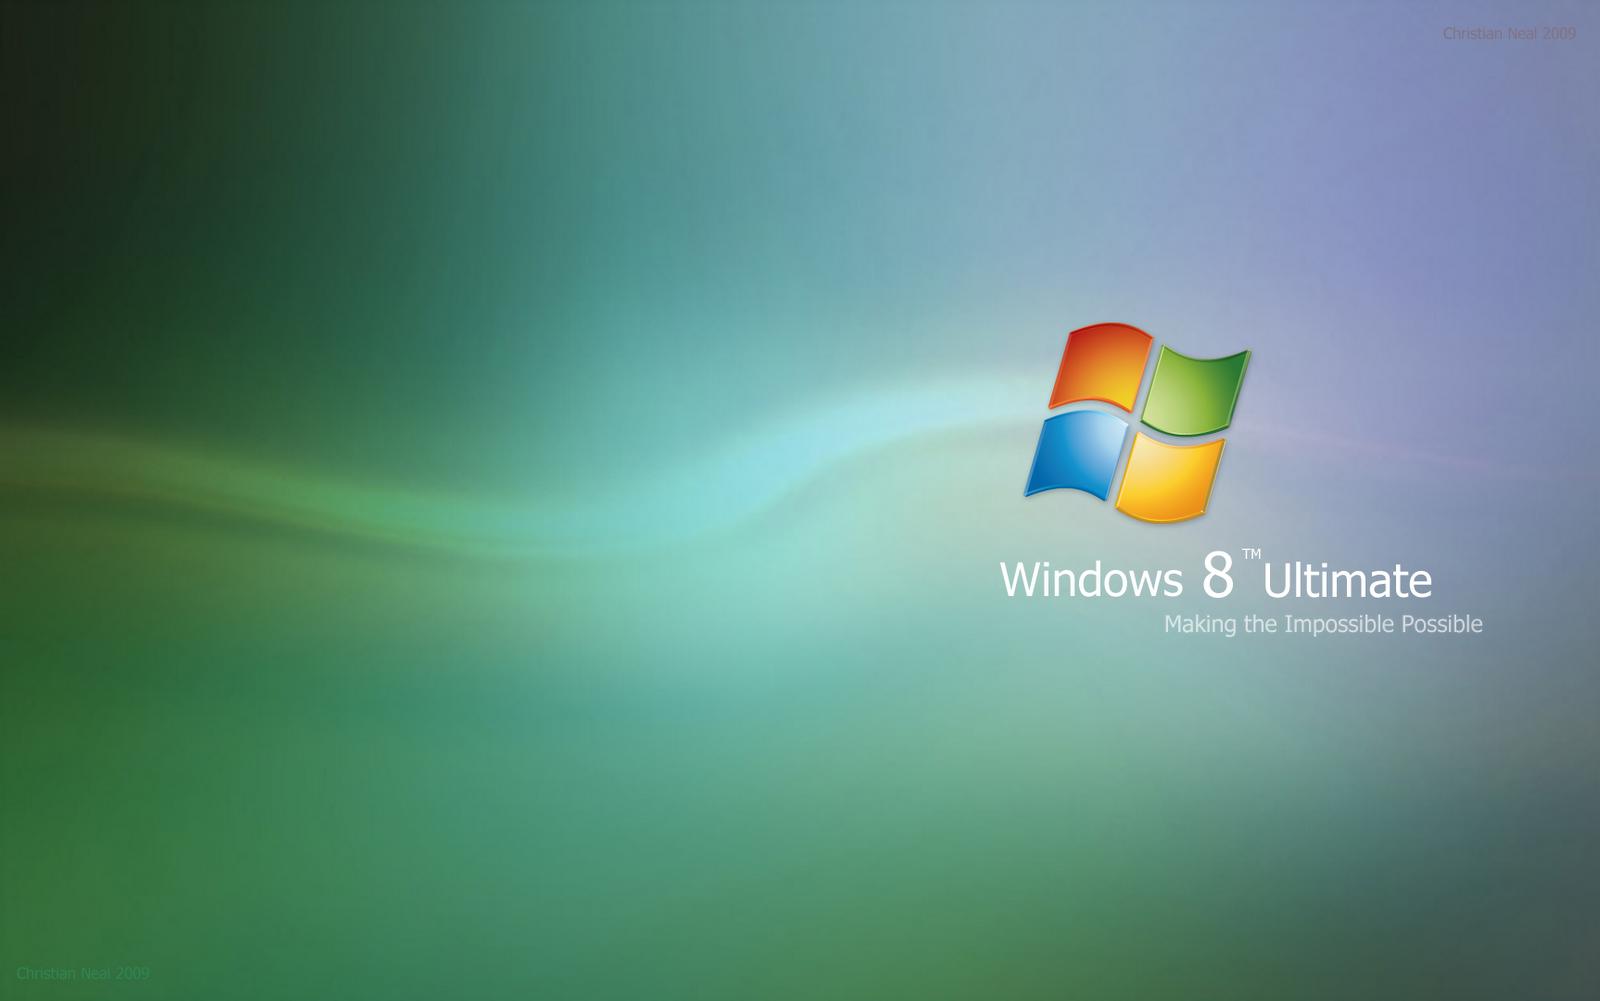 Windows 8 Achtergronden - HD Wallpapers